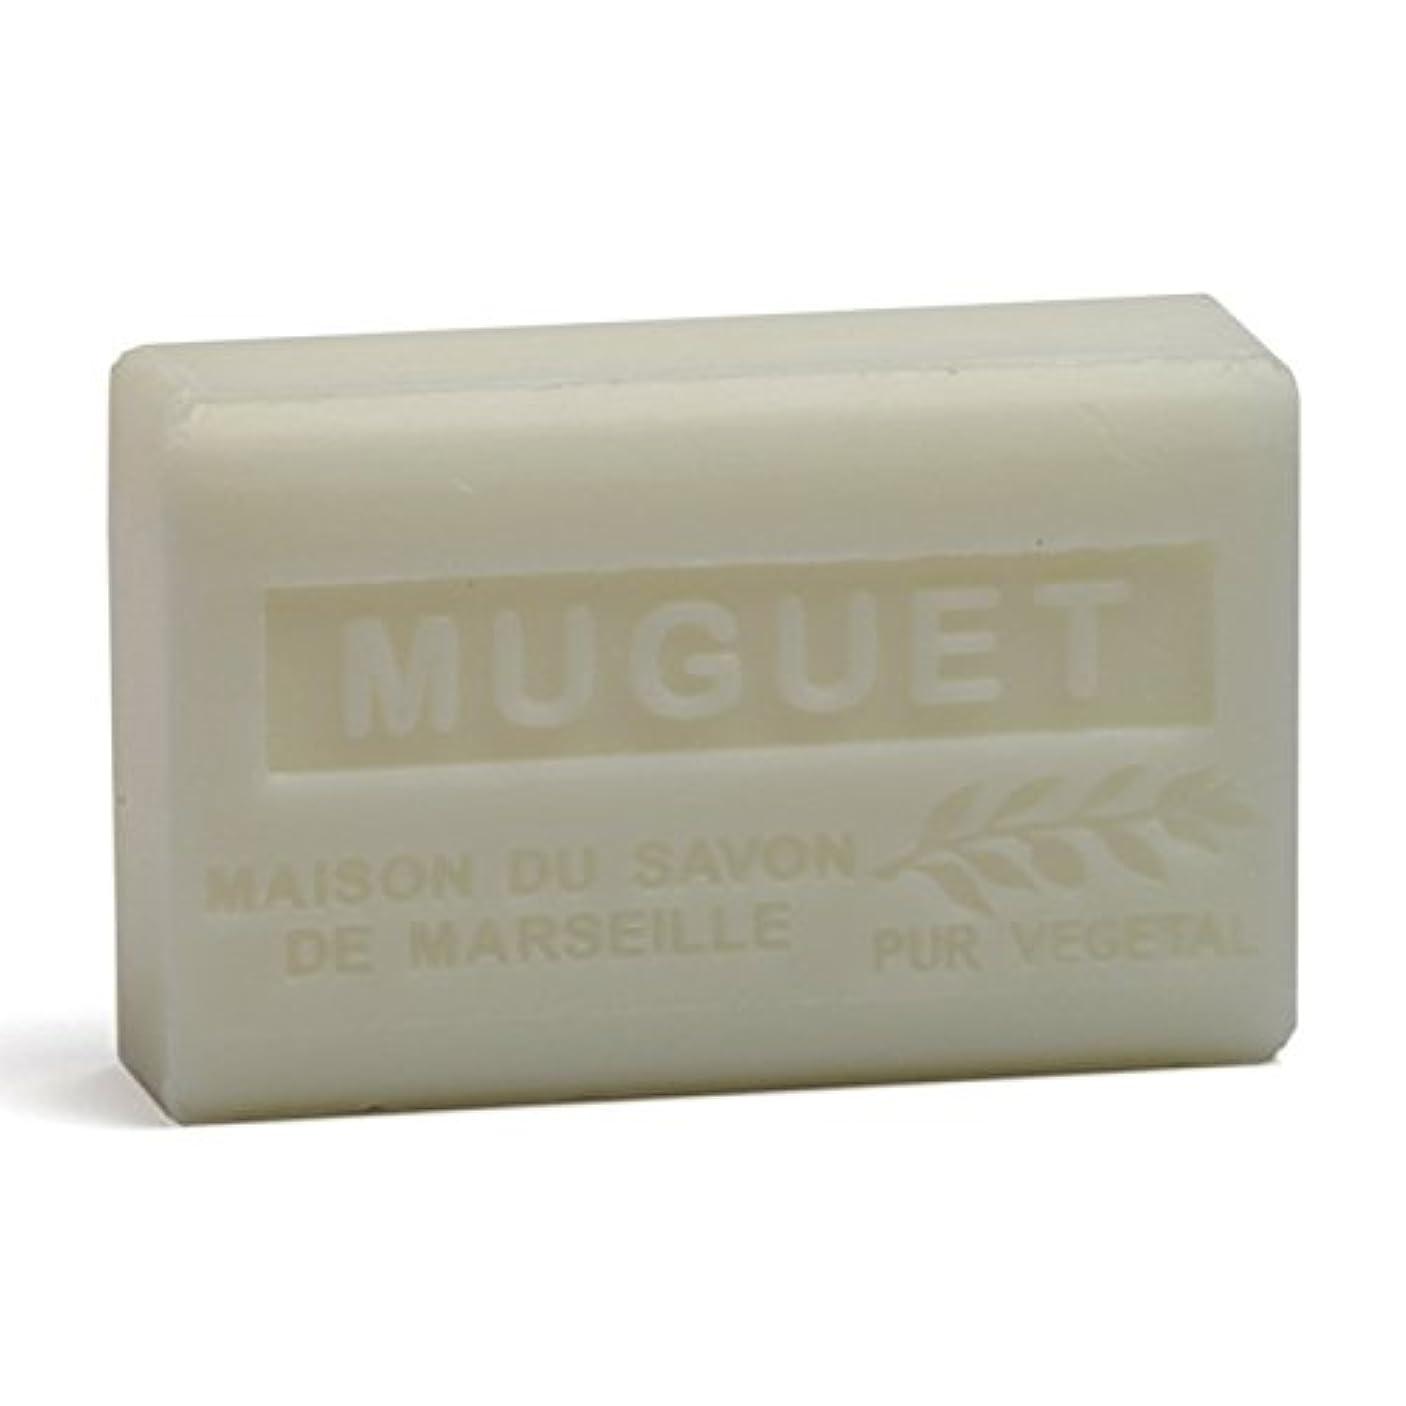 航空薬を飲むアクションSavon de Marseille Soap Lily of the Valley Shea Butter 125g